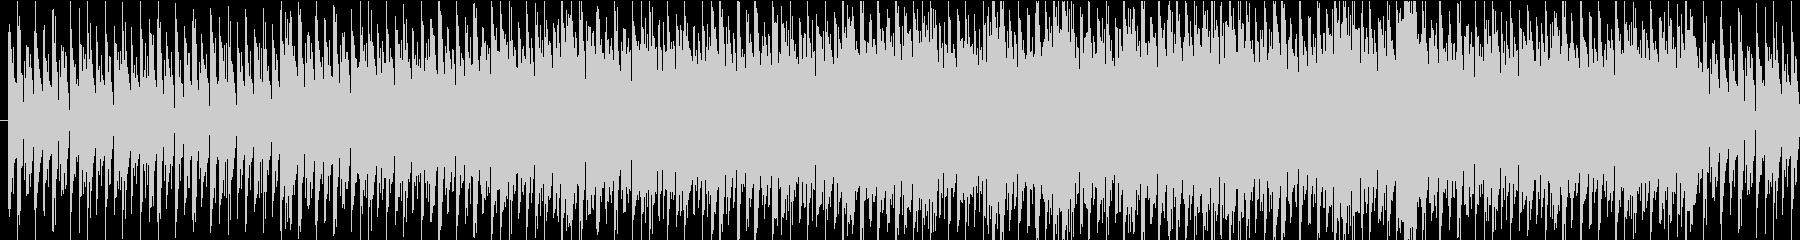 穏やかなプログレッシブハウスの未再生の波形